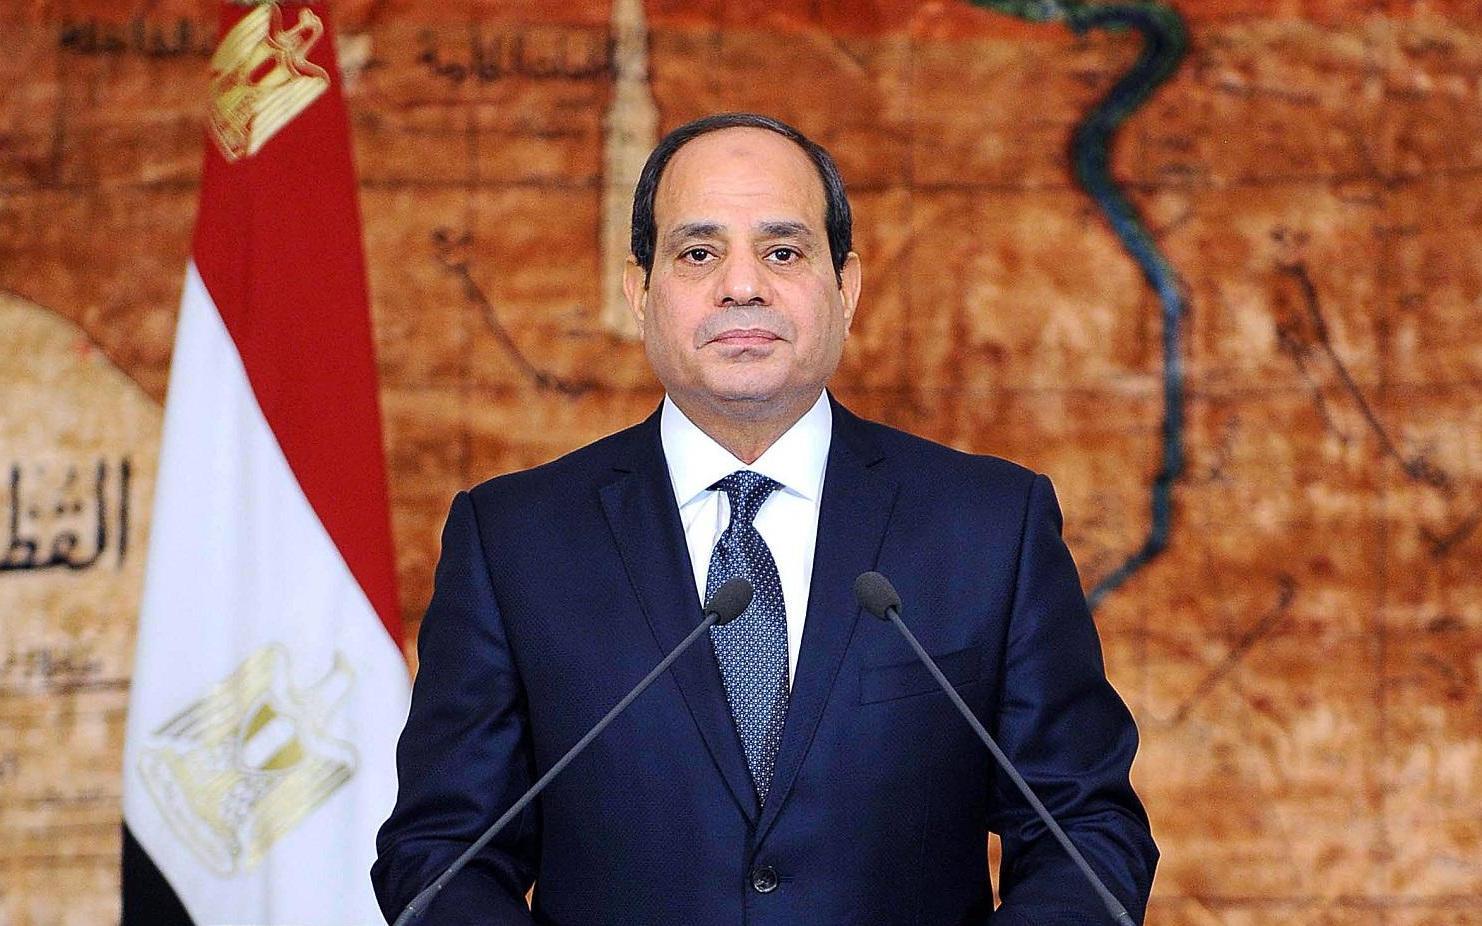 الدائرة دارت عليهم.. هدم ومصادرة أملاك قادة عسكريين كبار من بينهم مبارك بأمر السيسي